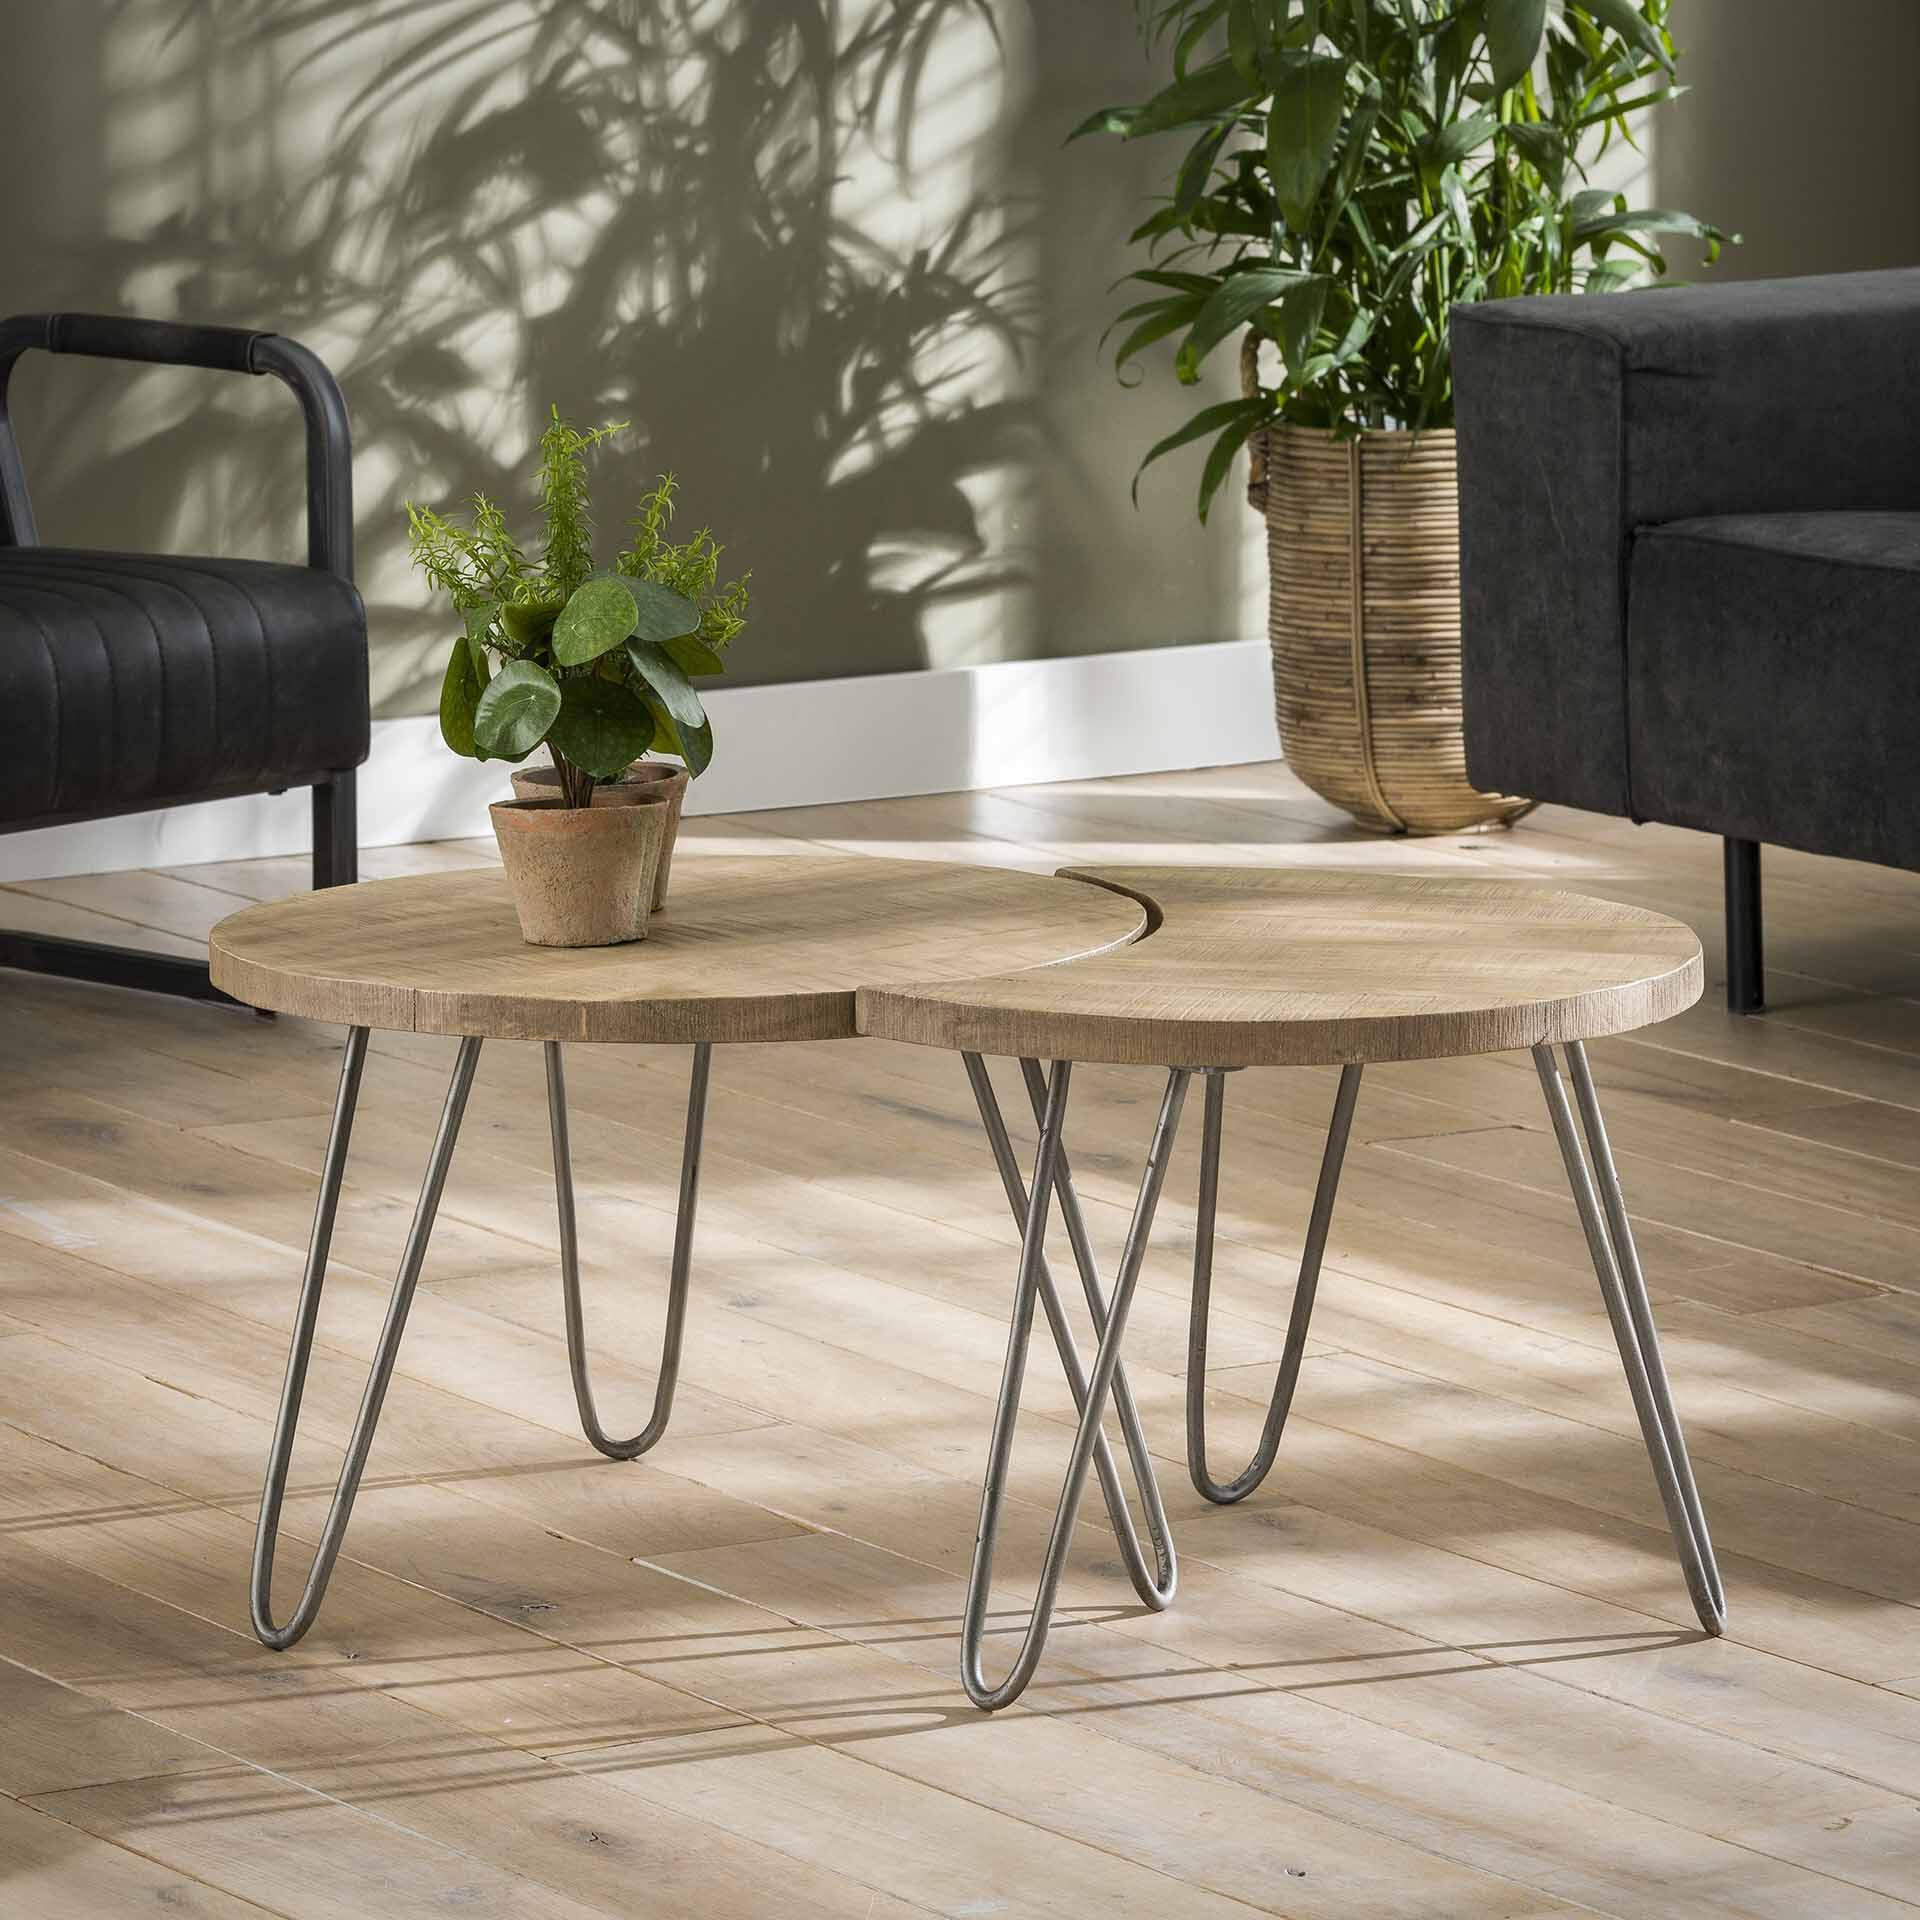 Op SlaapkamerComfort: Alles voor slapen is alles over meubelen te vinden: waaronder meubelpartner en specifiek Salontafel Livi set van 2 stuks, kleur naturel antiek